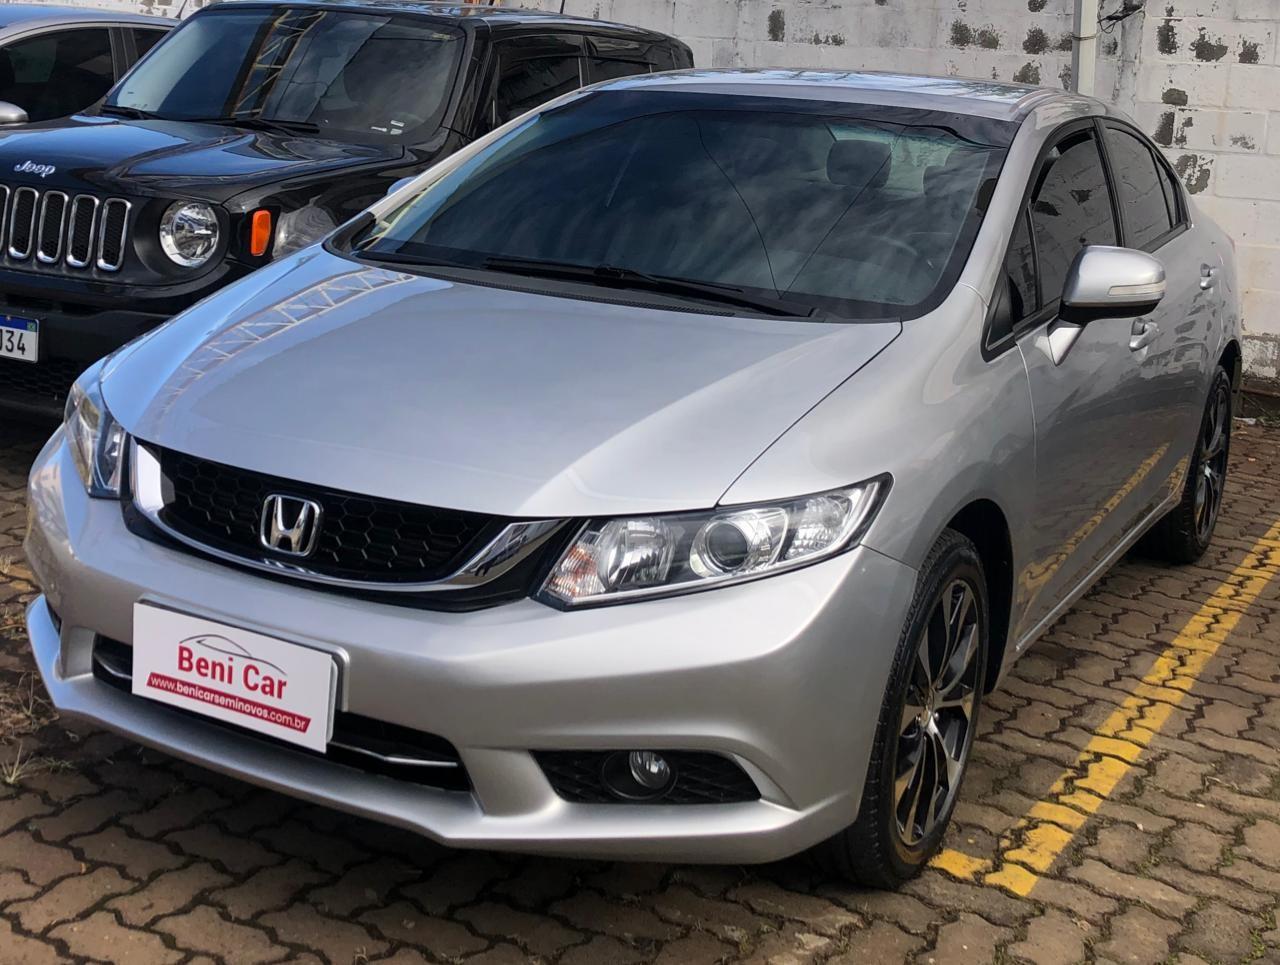 //www.autoline.com.br/carro/honda/civic-20-lxr-16v-flex-4p-automatico/2015/campinas-sp/14785569